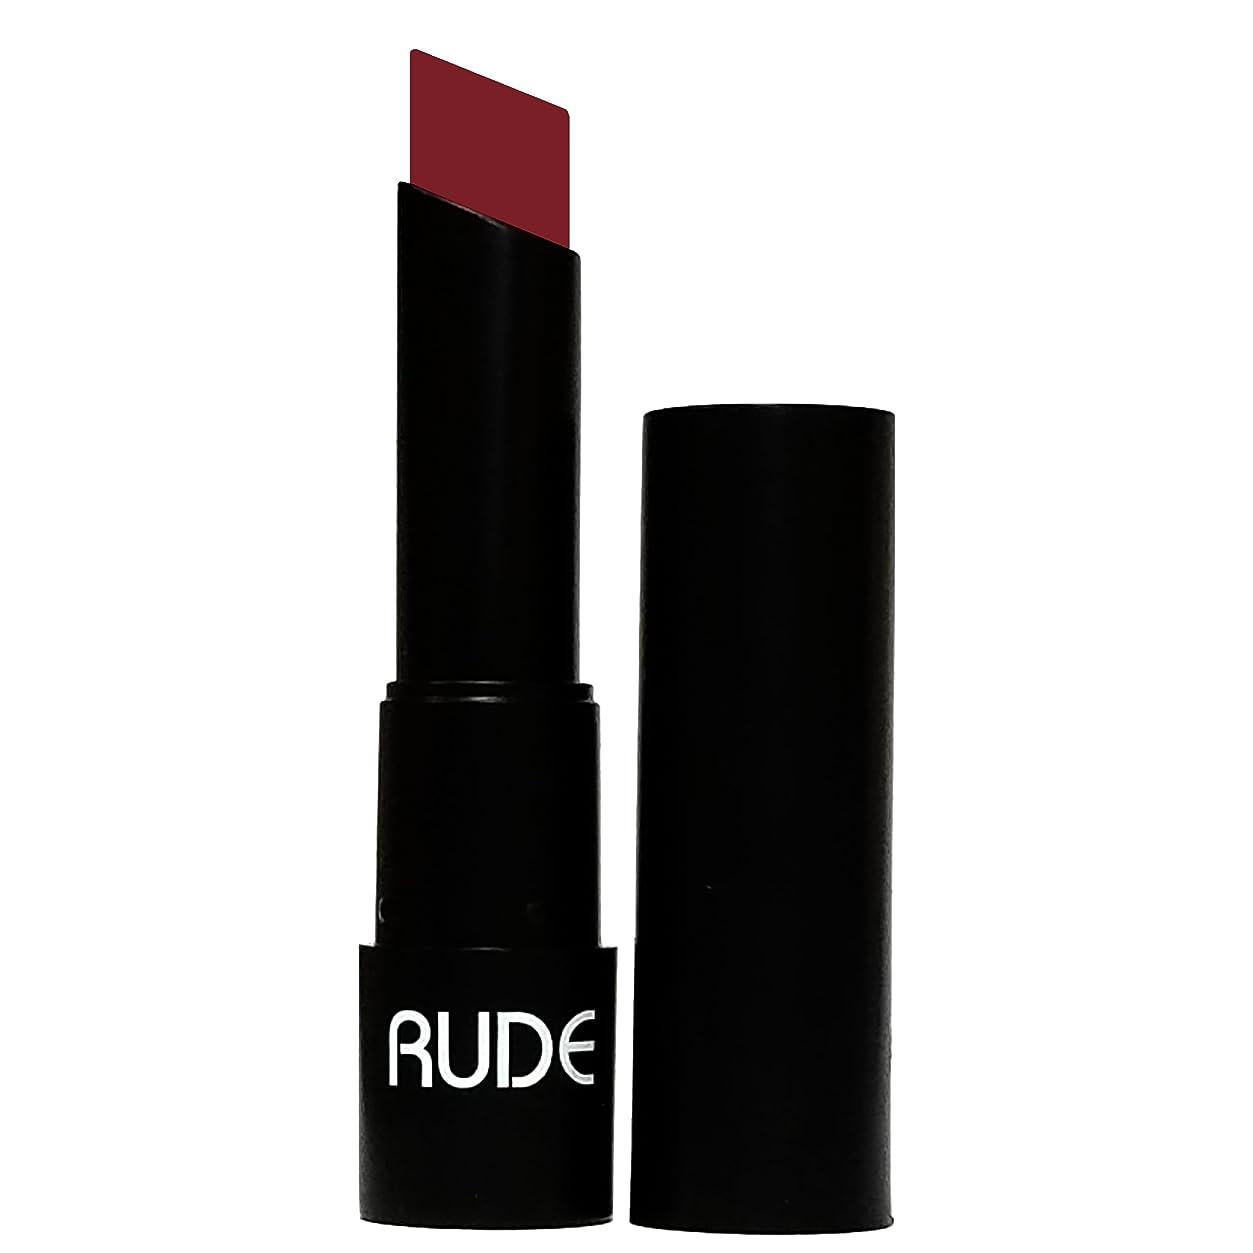 リレー裏切り者沿って(3 Pack) RUDE Attitude Matte Lipstick - Snooty (並行輸入品)